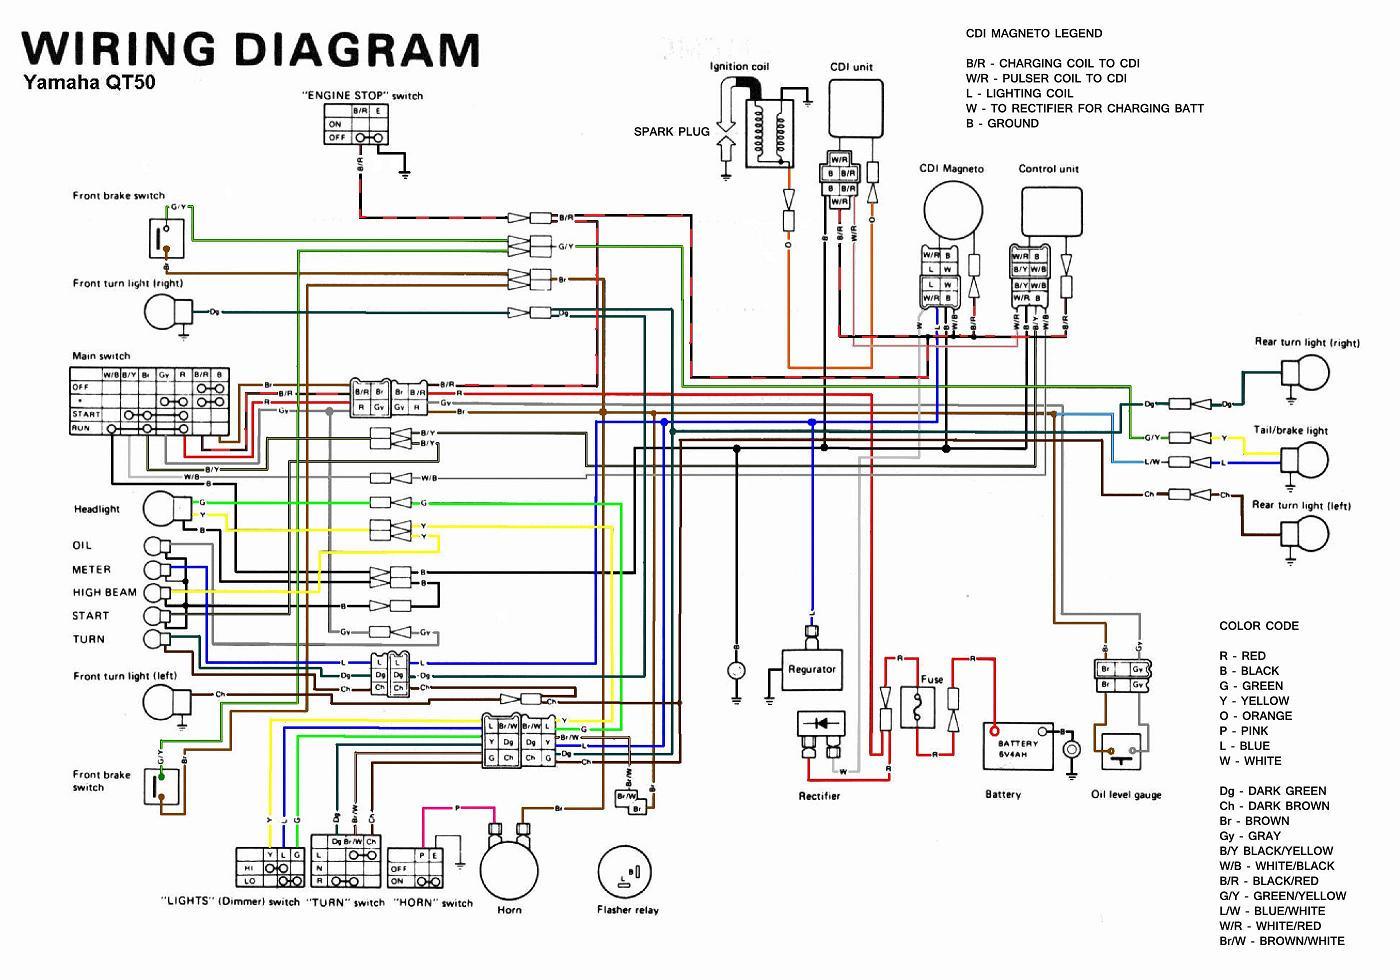 yamaha ag 200 wiring diagram - wiring diagram schemas  wiring diagram schemas